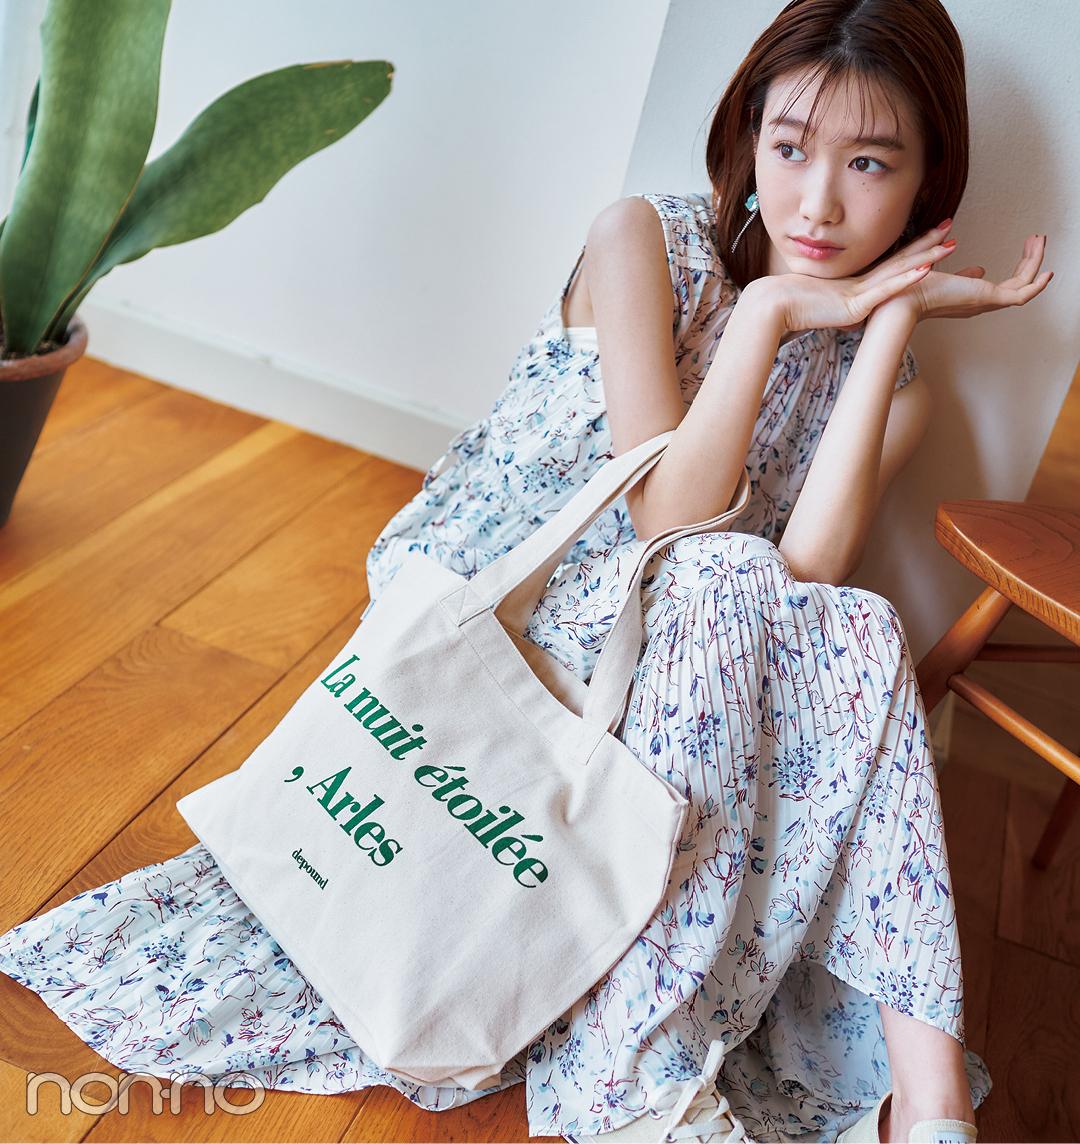 岡本夏美のショップトートバッグのコーデ1